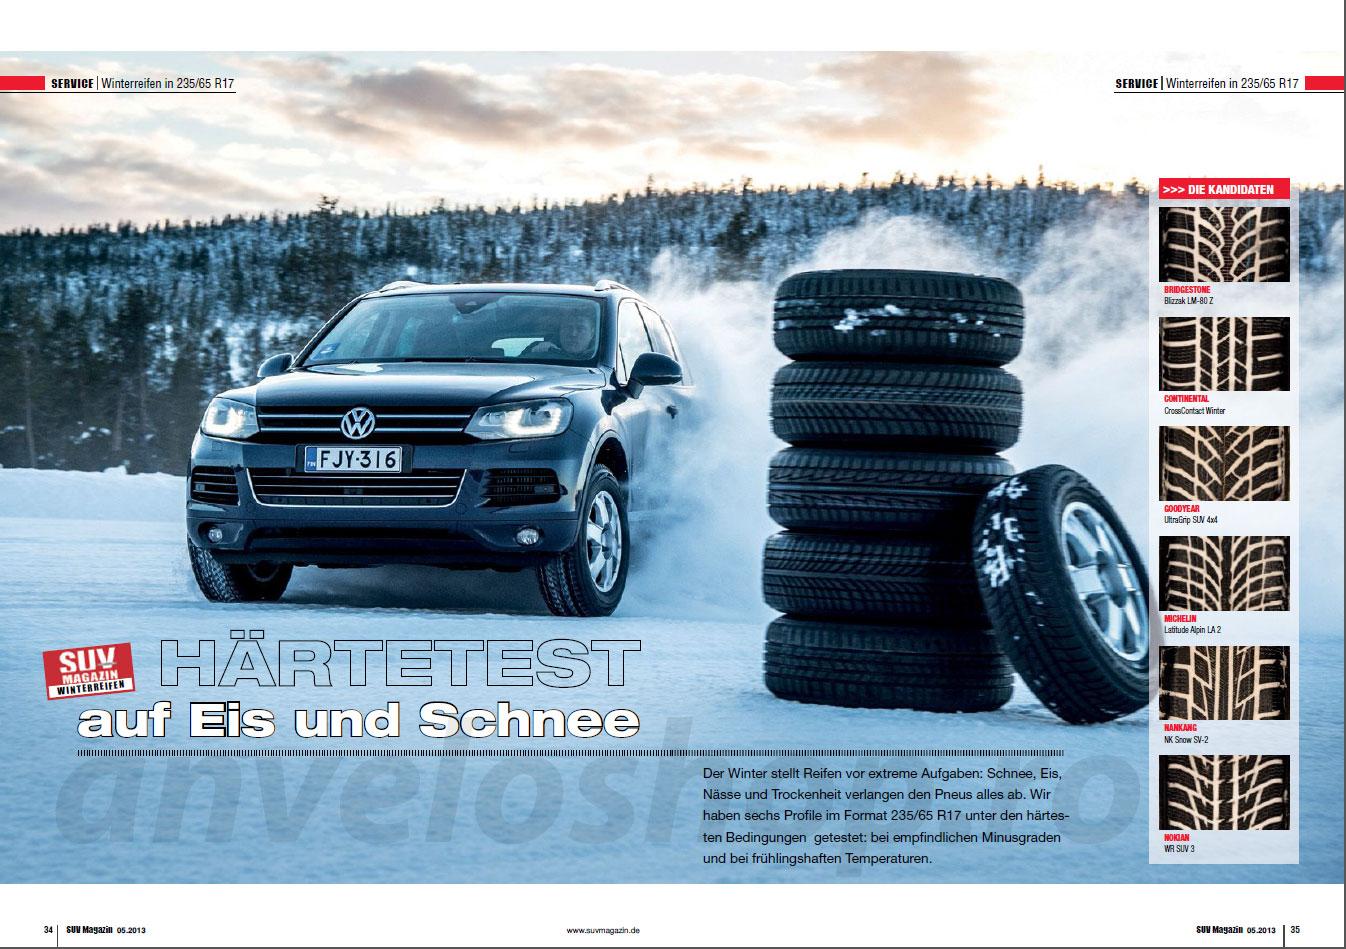 Test anvelope iarna 2013 pentru dimensiunea 235/65R17 (SUV Magazin)